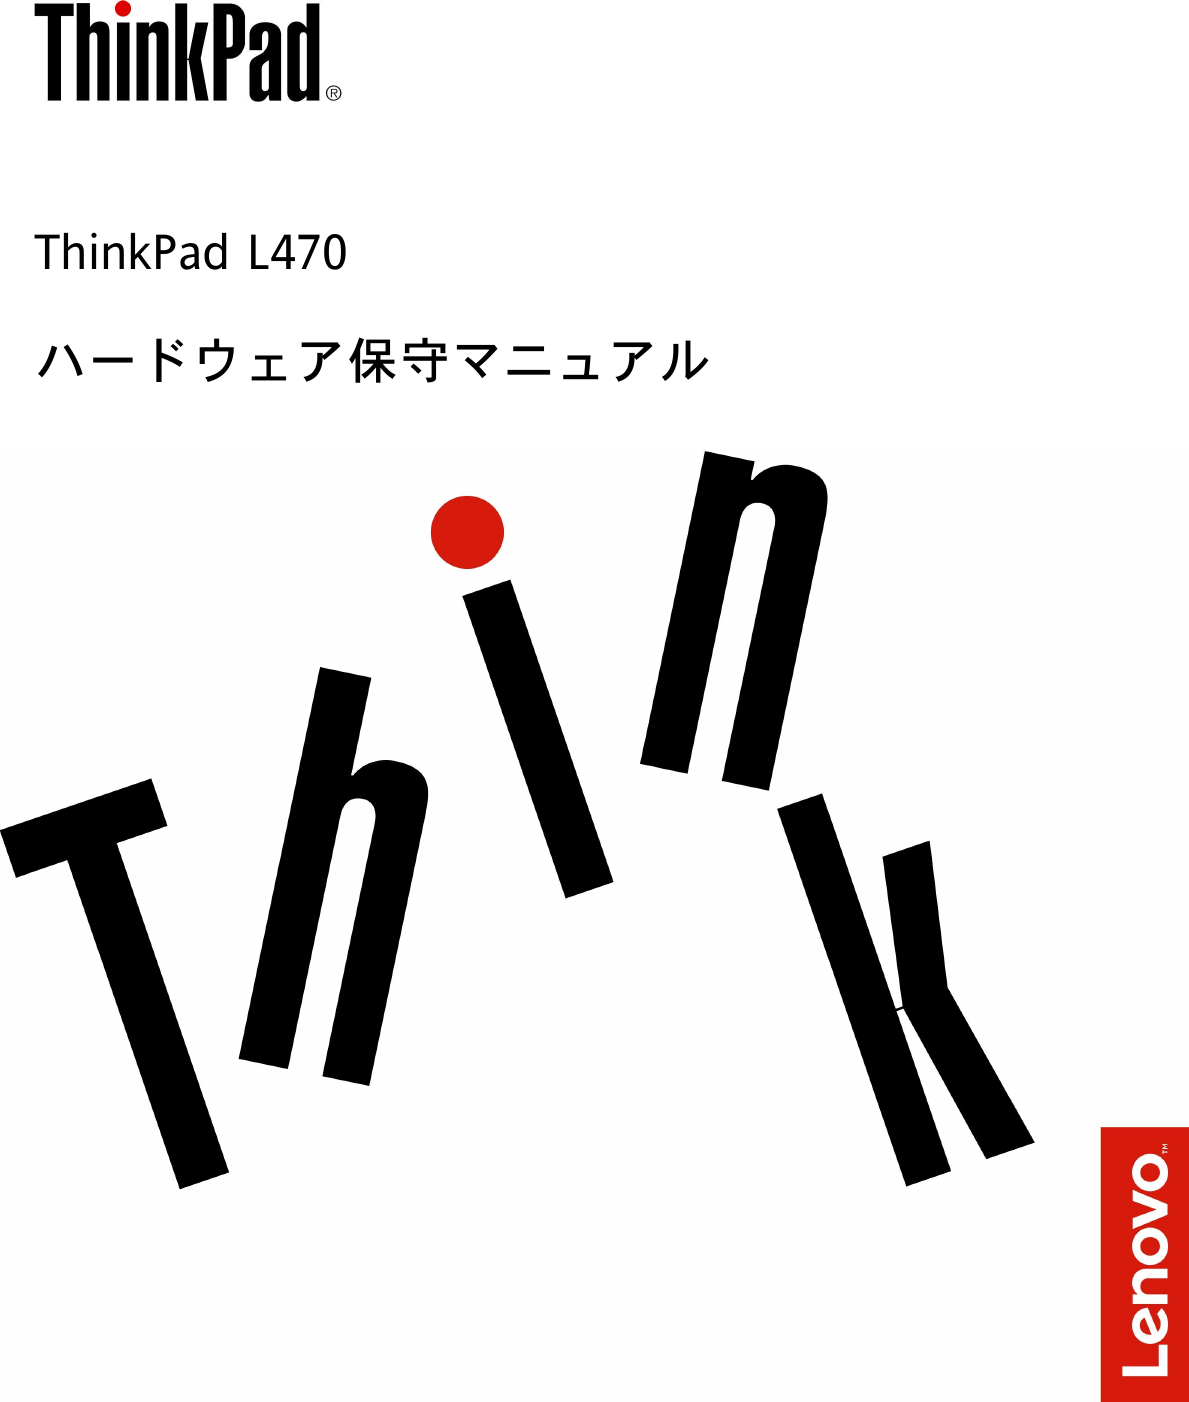 Lenovo Sp40M11960 02 Ja User Manual ハードウェア保守マニュアル Think